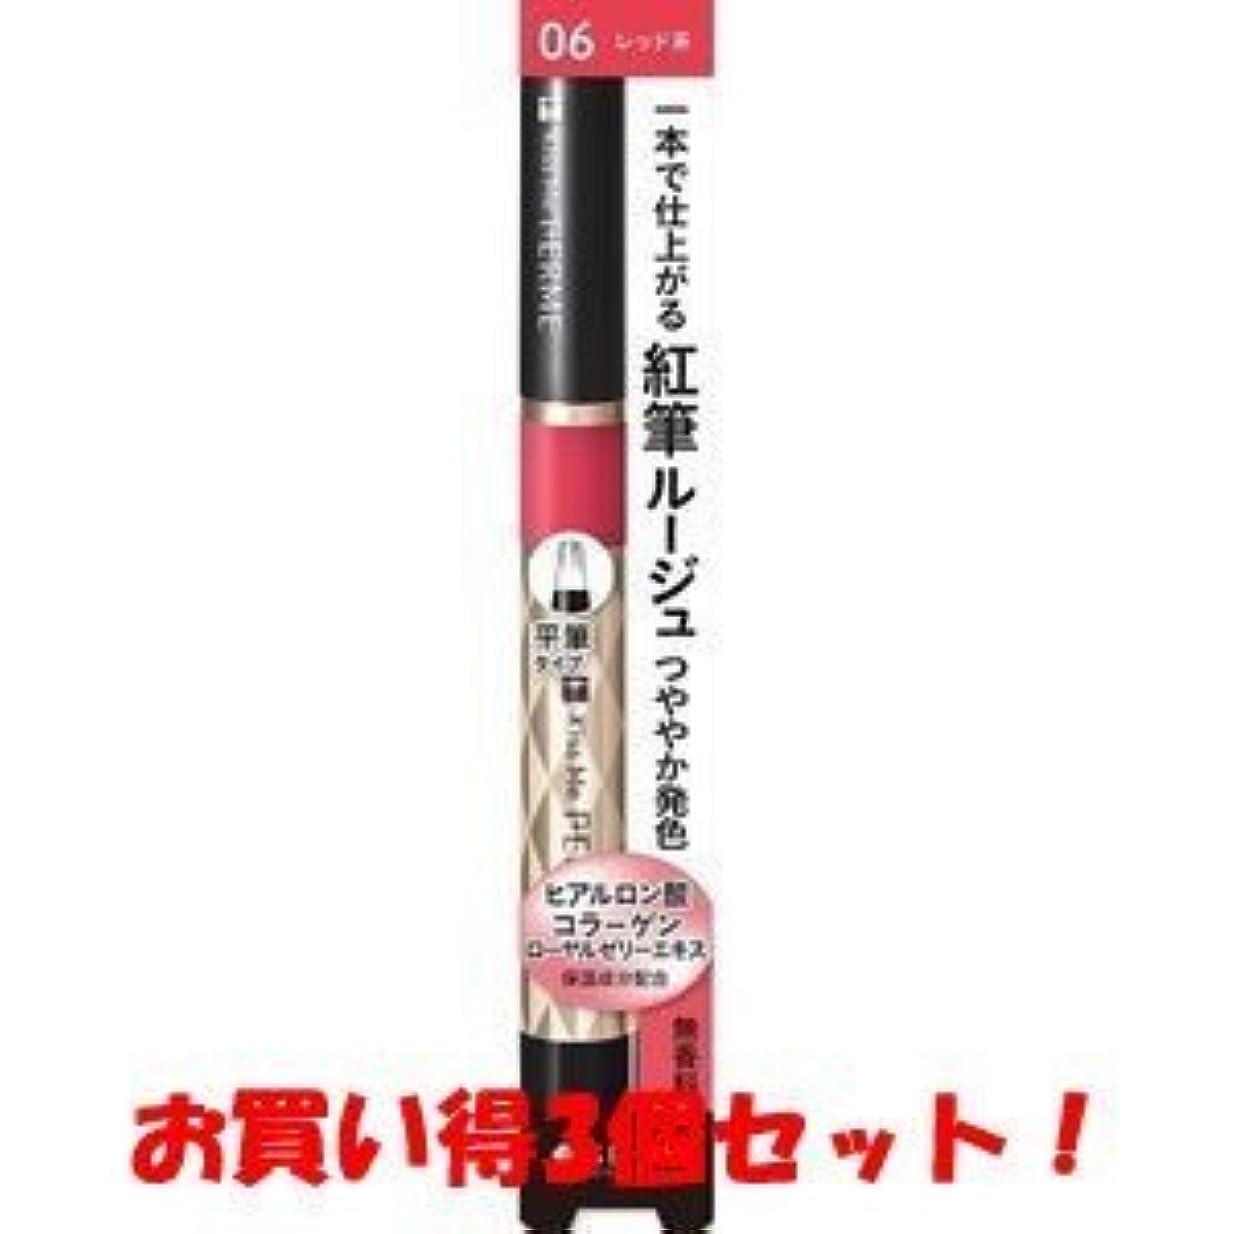 曲げる斧愚かな(伊勢半)キスミー フェルム 紅筆リキッドルージュ 06 明るいレッド 1.9g(お買い得3個セット)